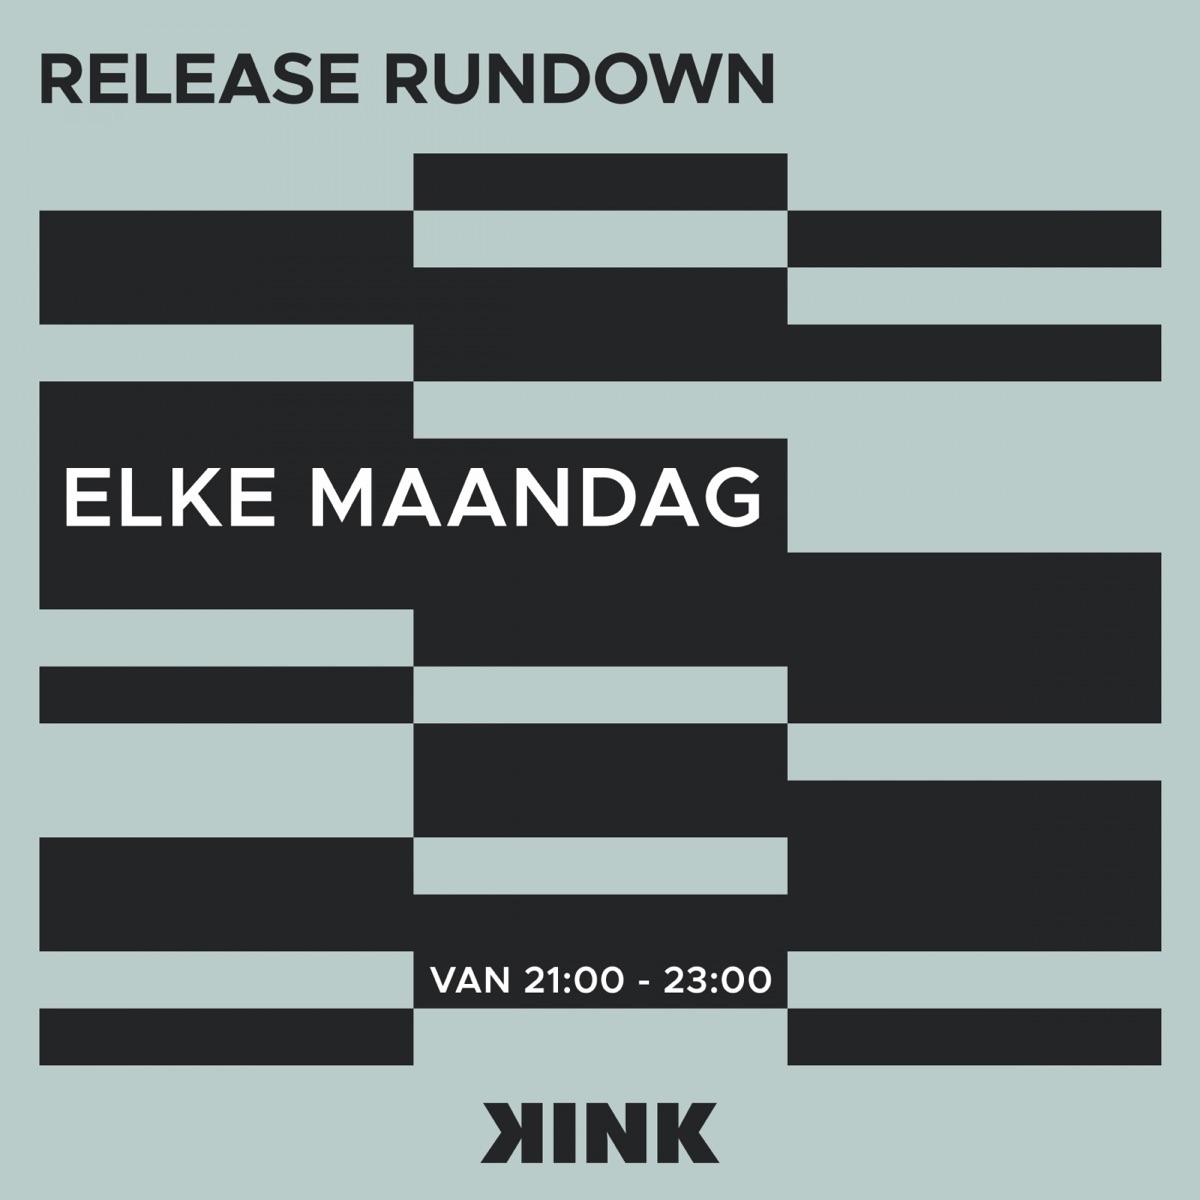 Release Rundown (Nederlands)